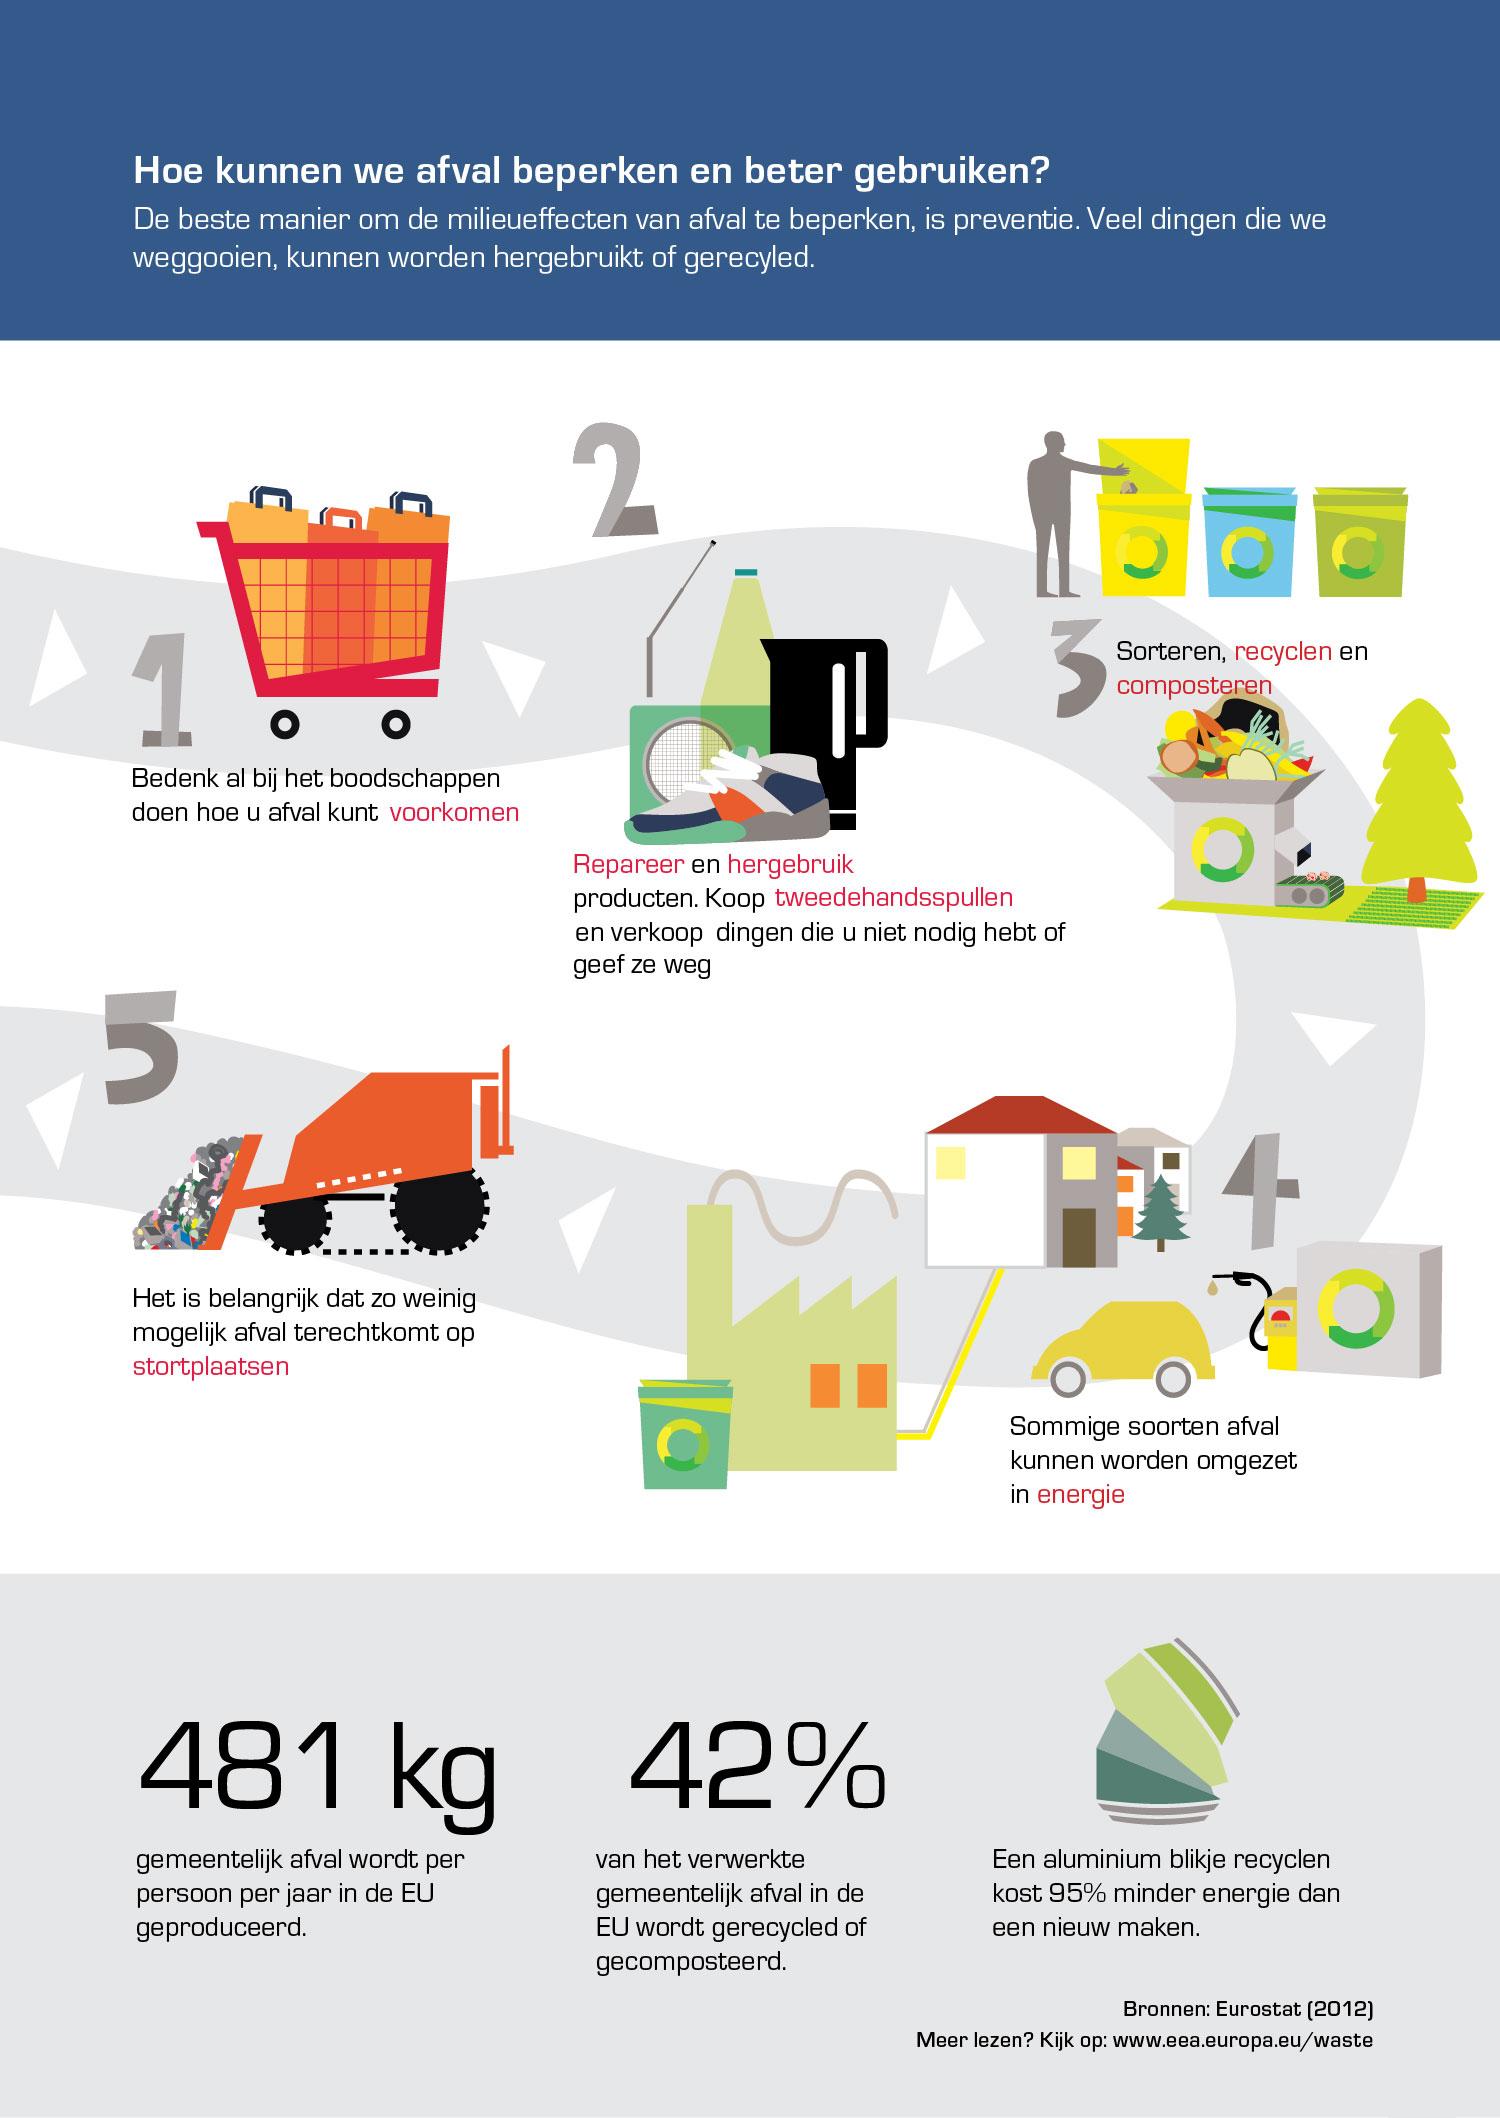 Hoe kunnen we afval beperken en beter gebruiken?